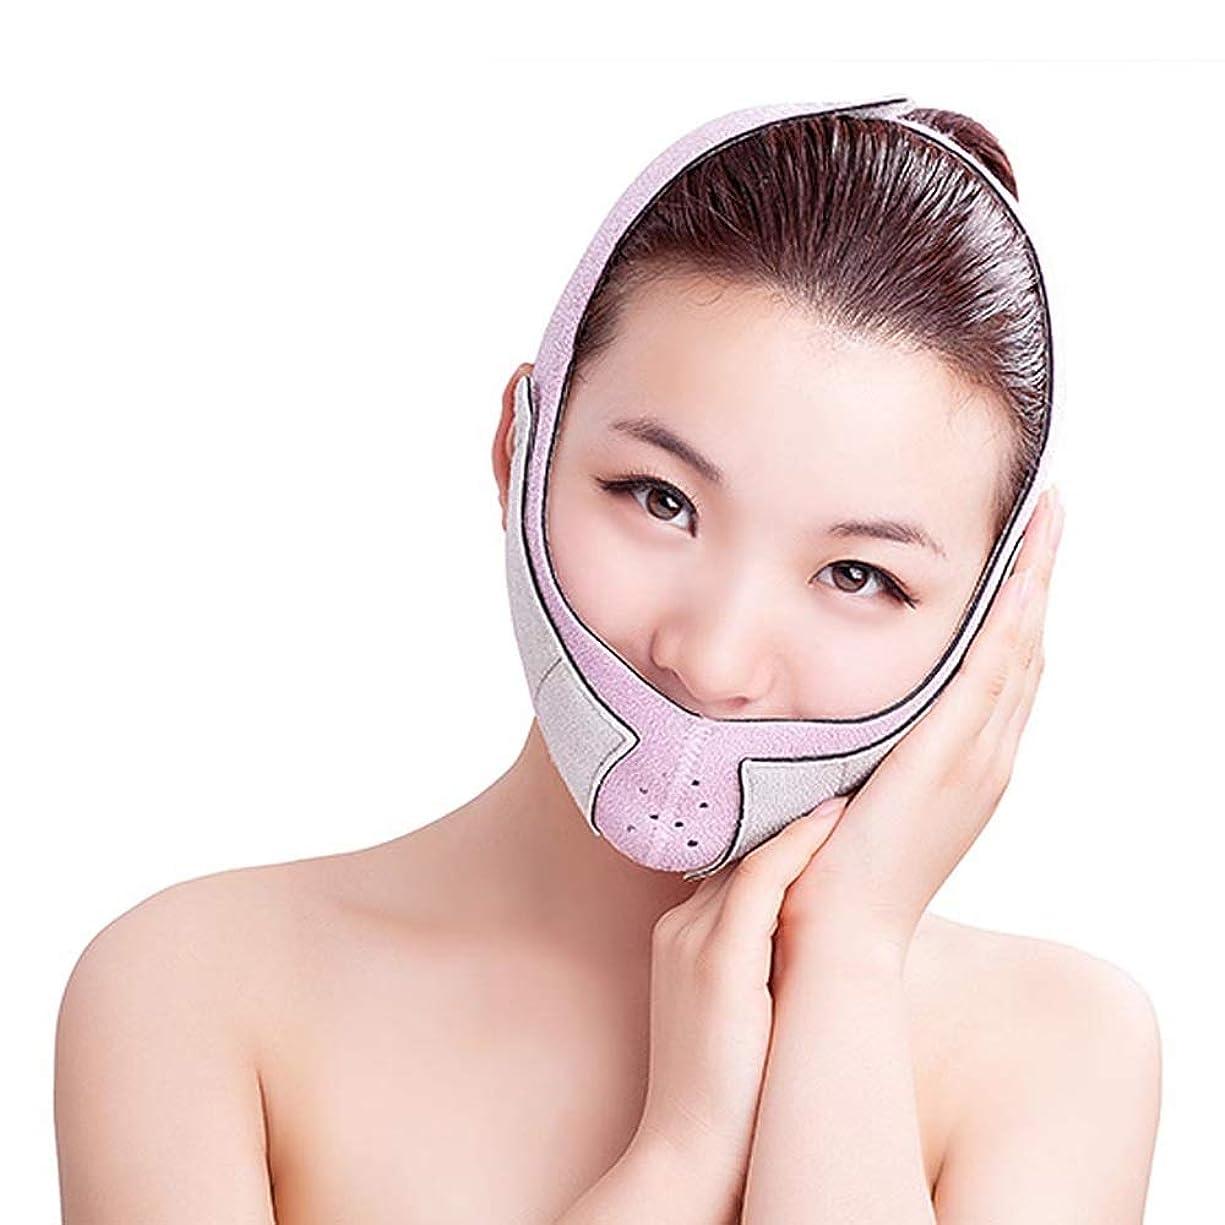 財団コントローラ優勢Minmin フェイシャルリフティングスリミングベルト - 薄いフェイスバンデージフェイスマスクベルトフリーフェイシャルマッサージシェイピングマスクは顔と首を締めます みんみんVラインフェイスマスク (Color : Pink)